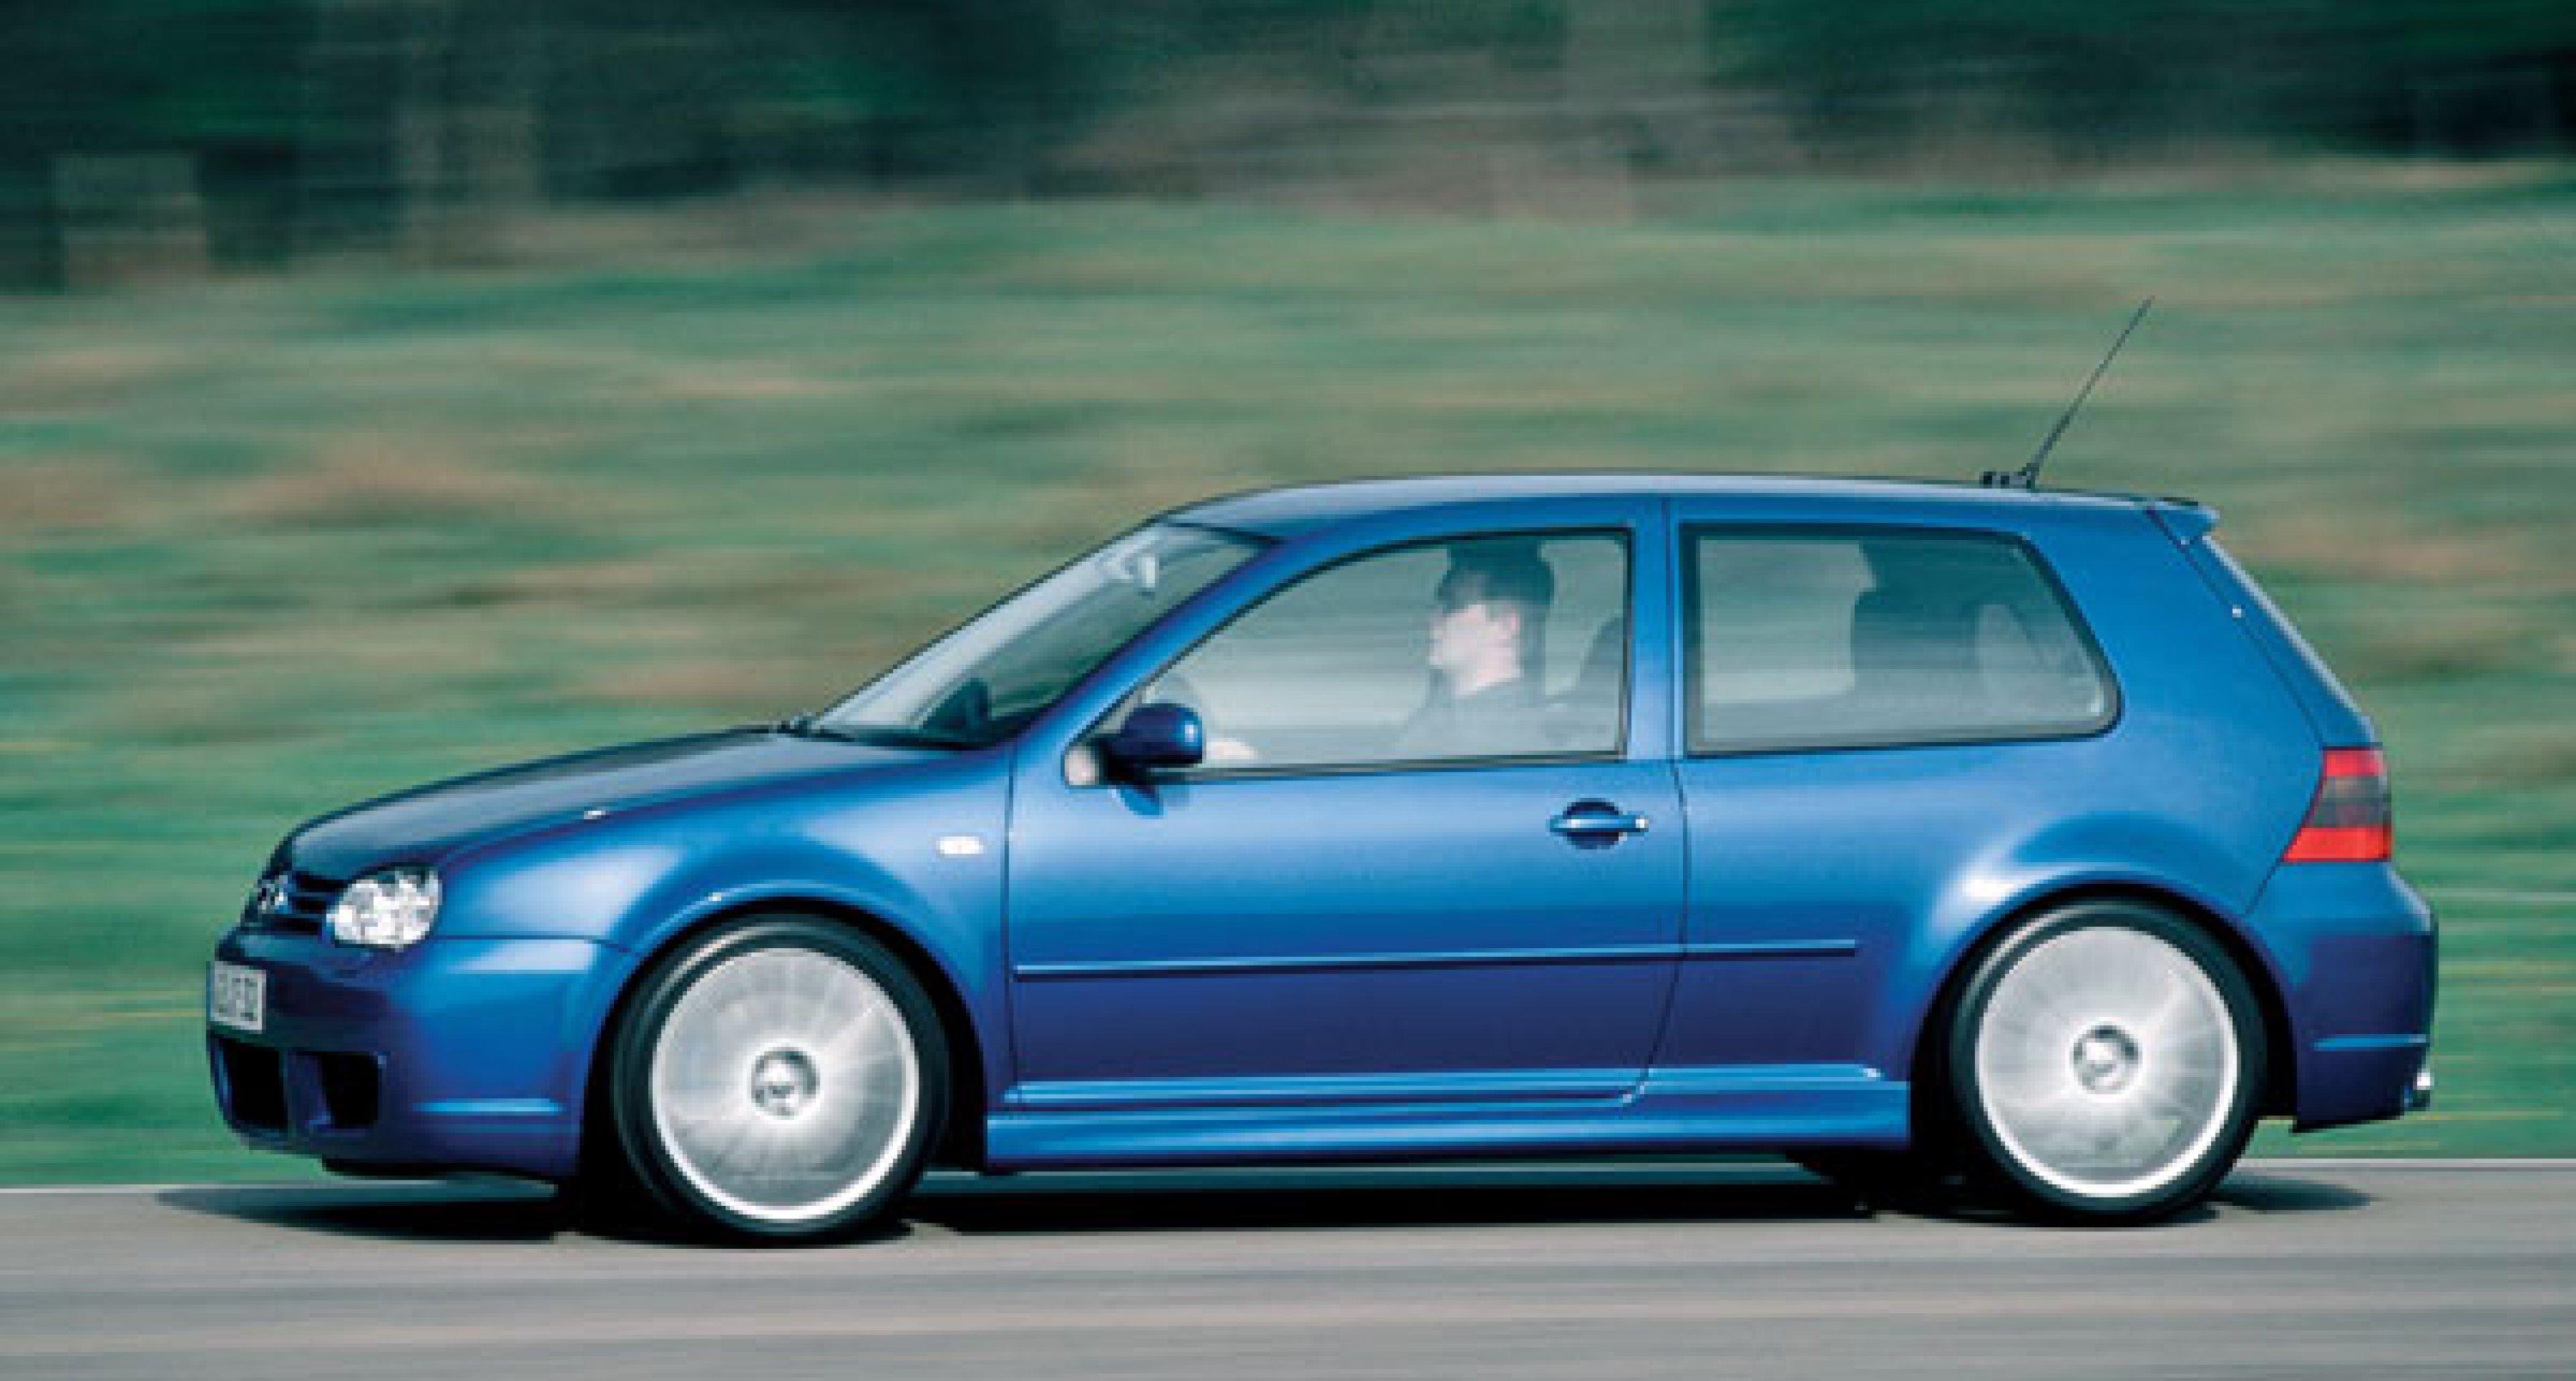 Volkswagen Golf R32: Stärkster Golf aller Zeiten